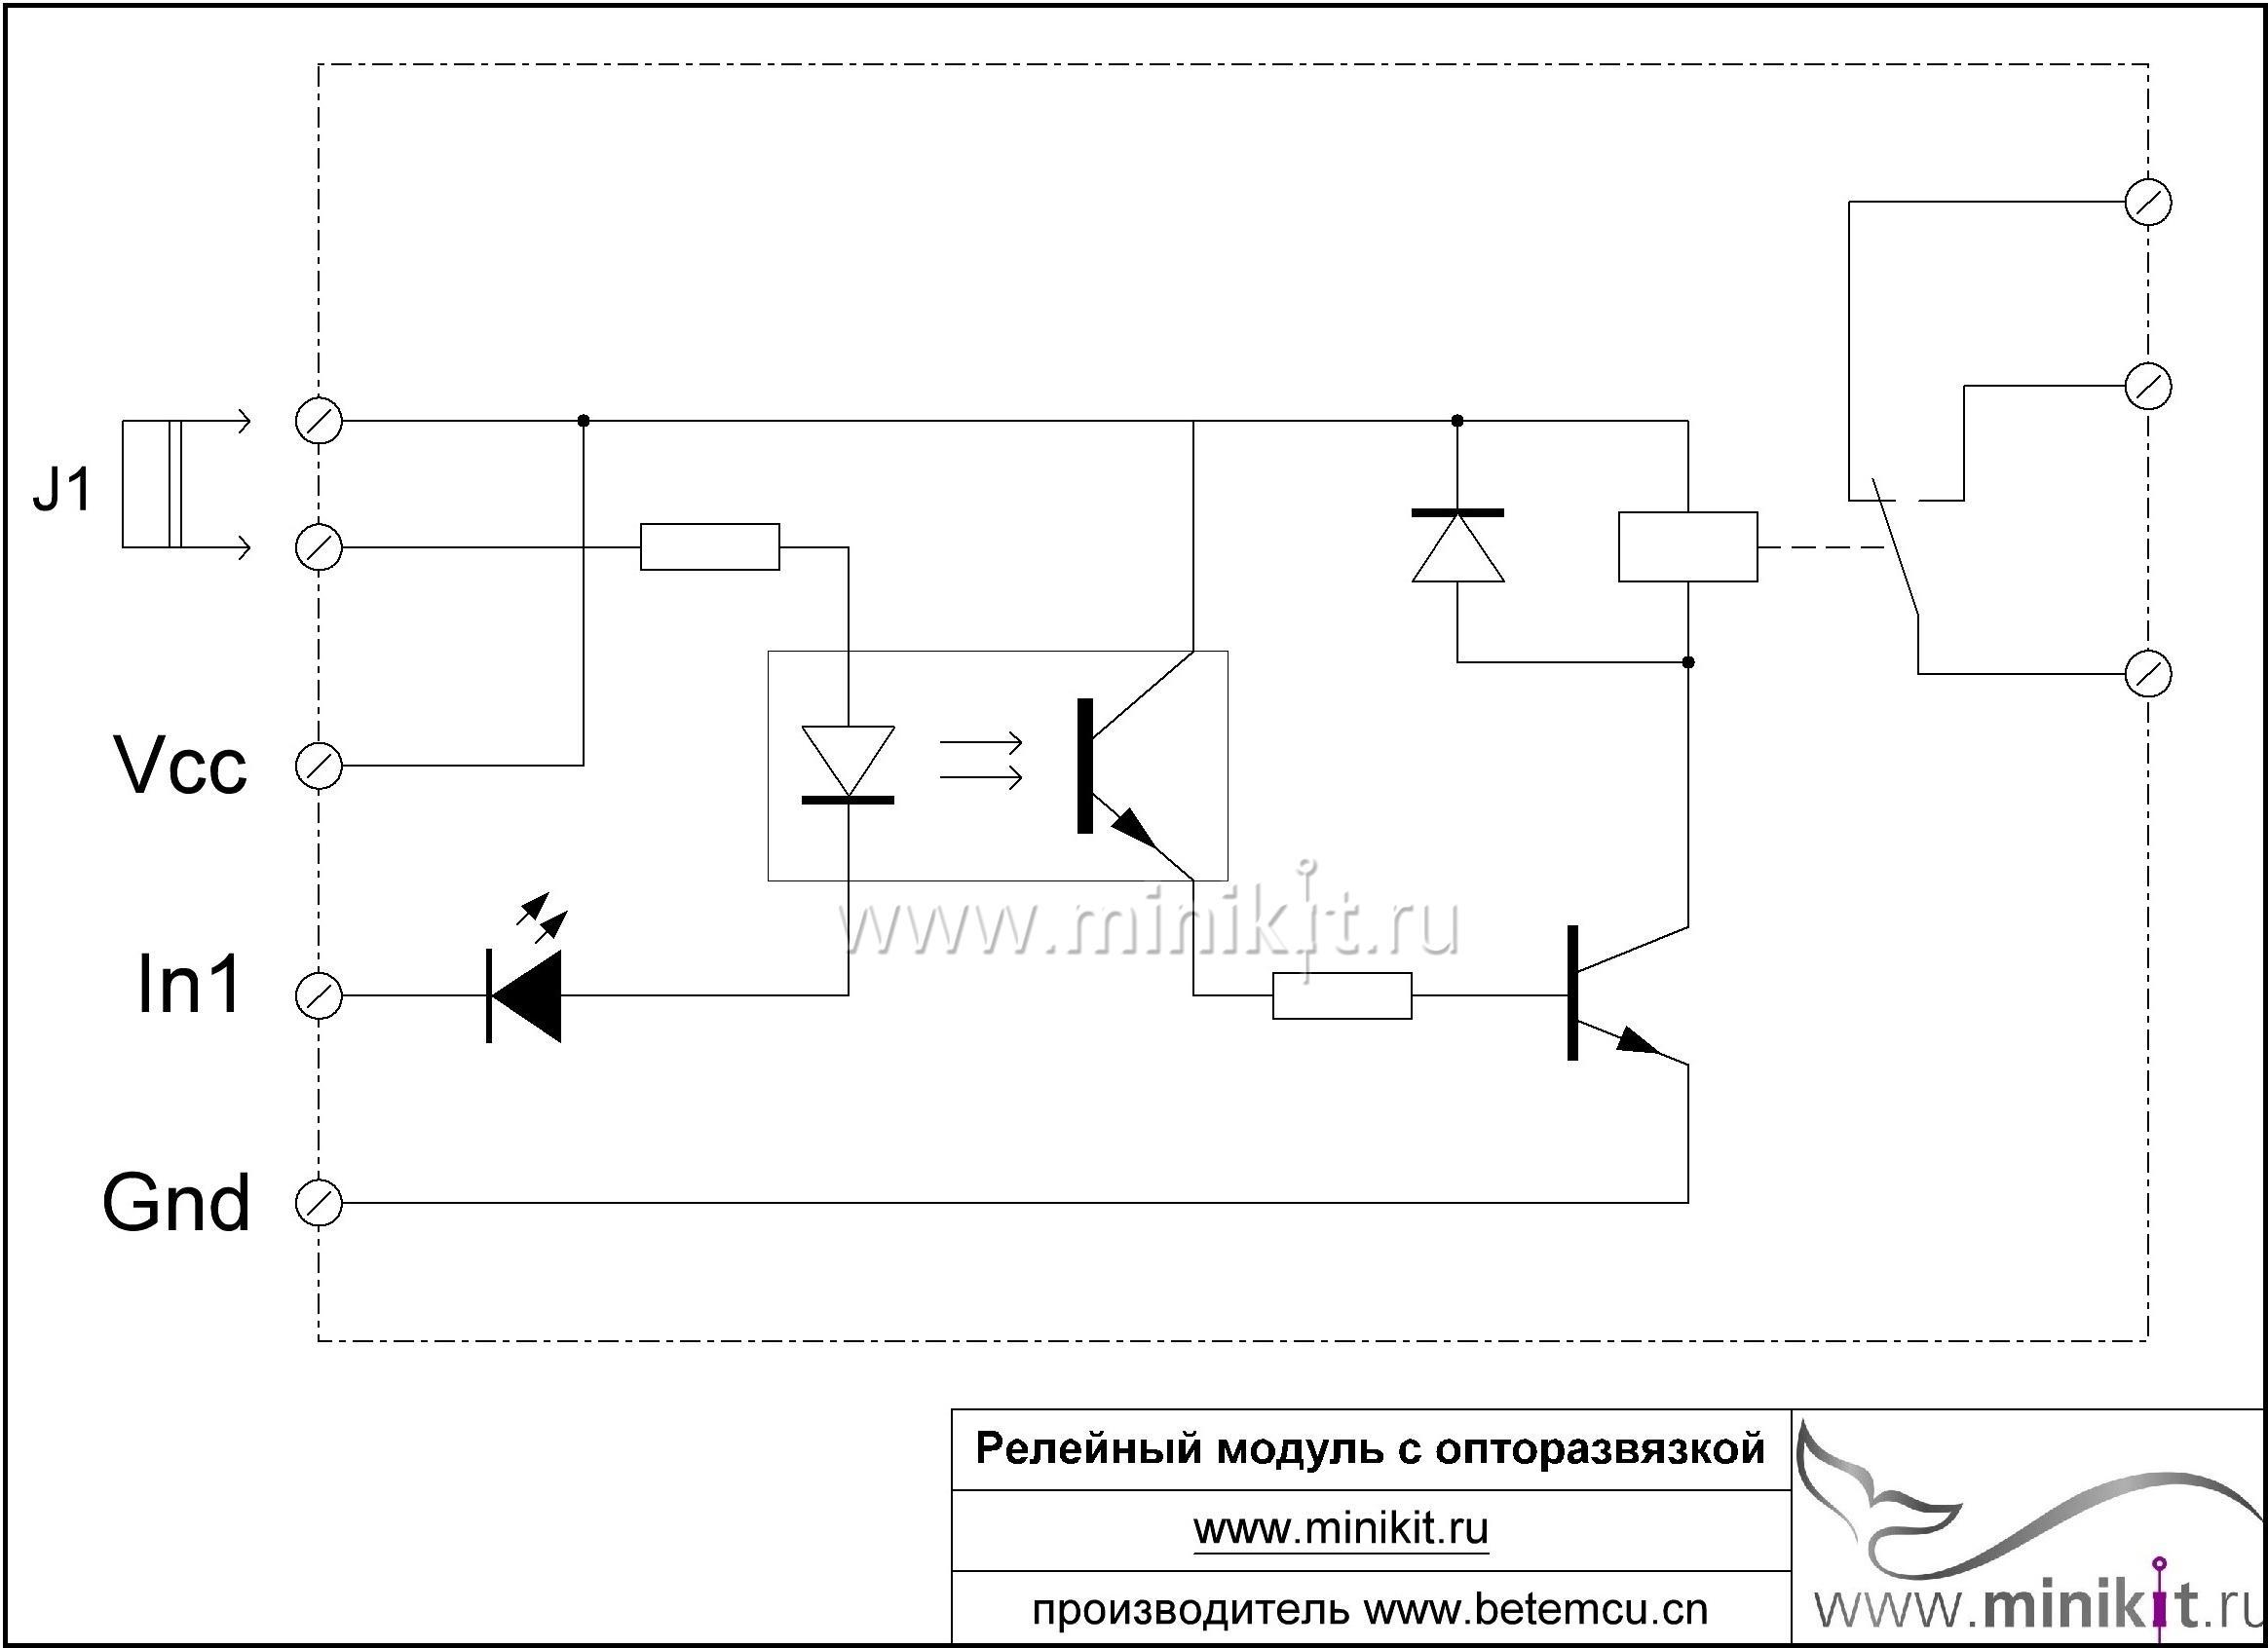 Схема релейного модуля